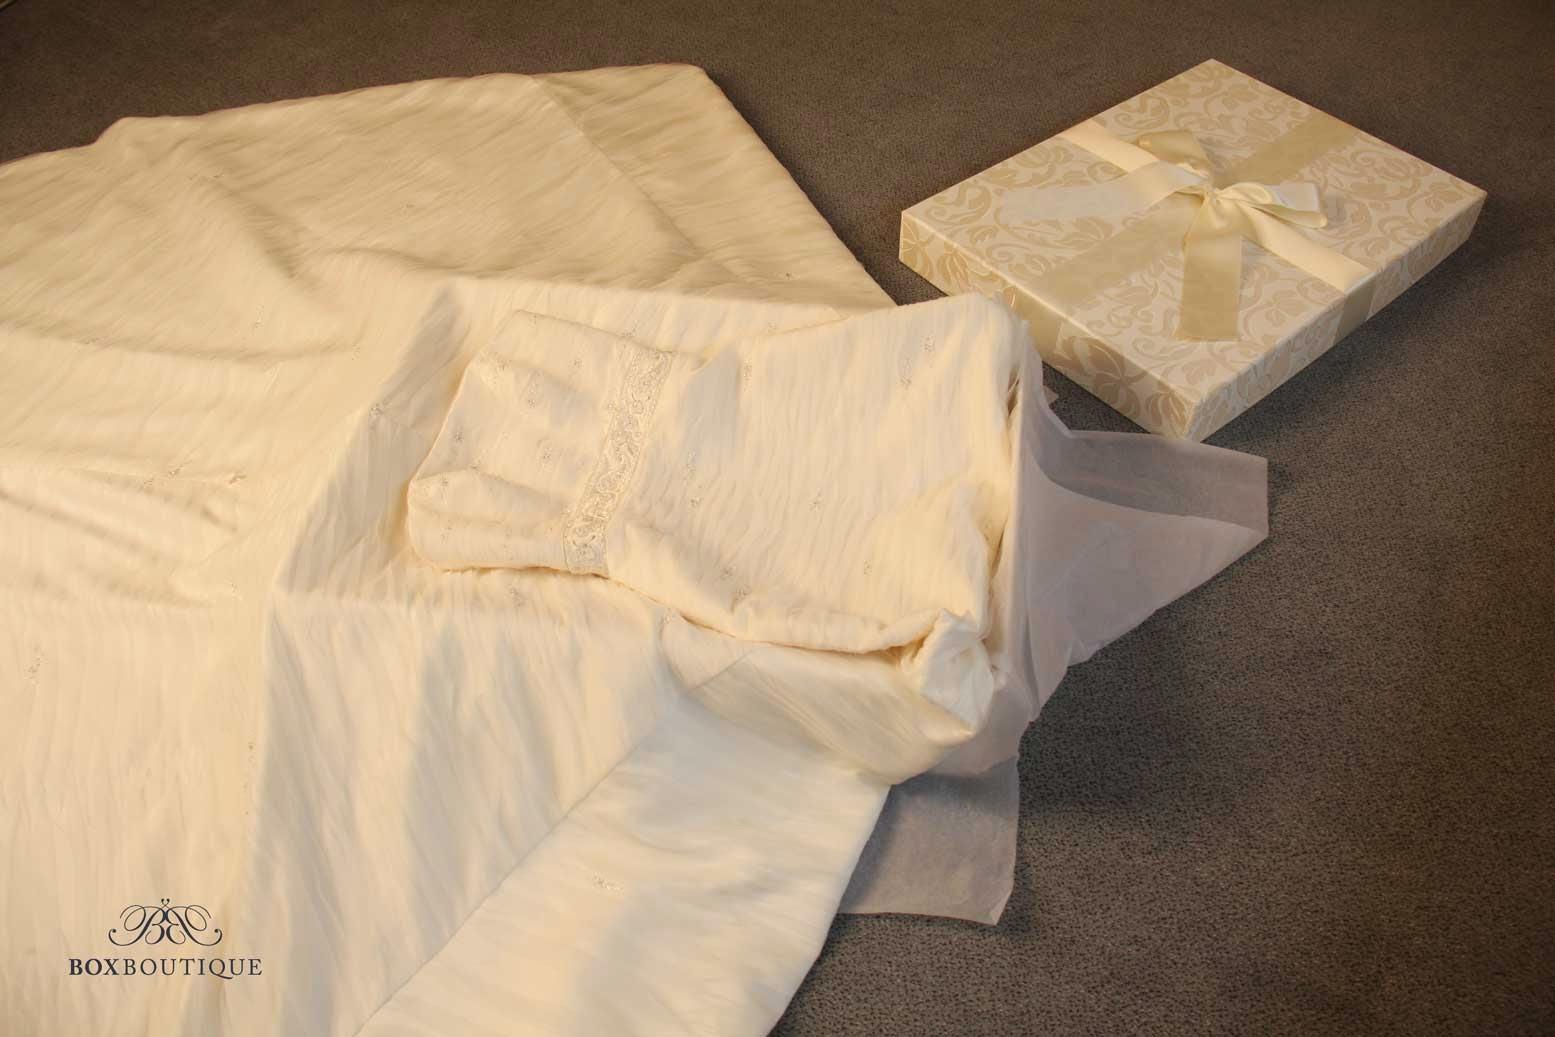 Legen Sie das Hochzeitskleid so über die Box, dass die Korsage beim Einschlagen noch hinein passt.